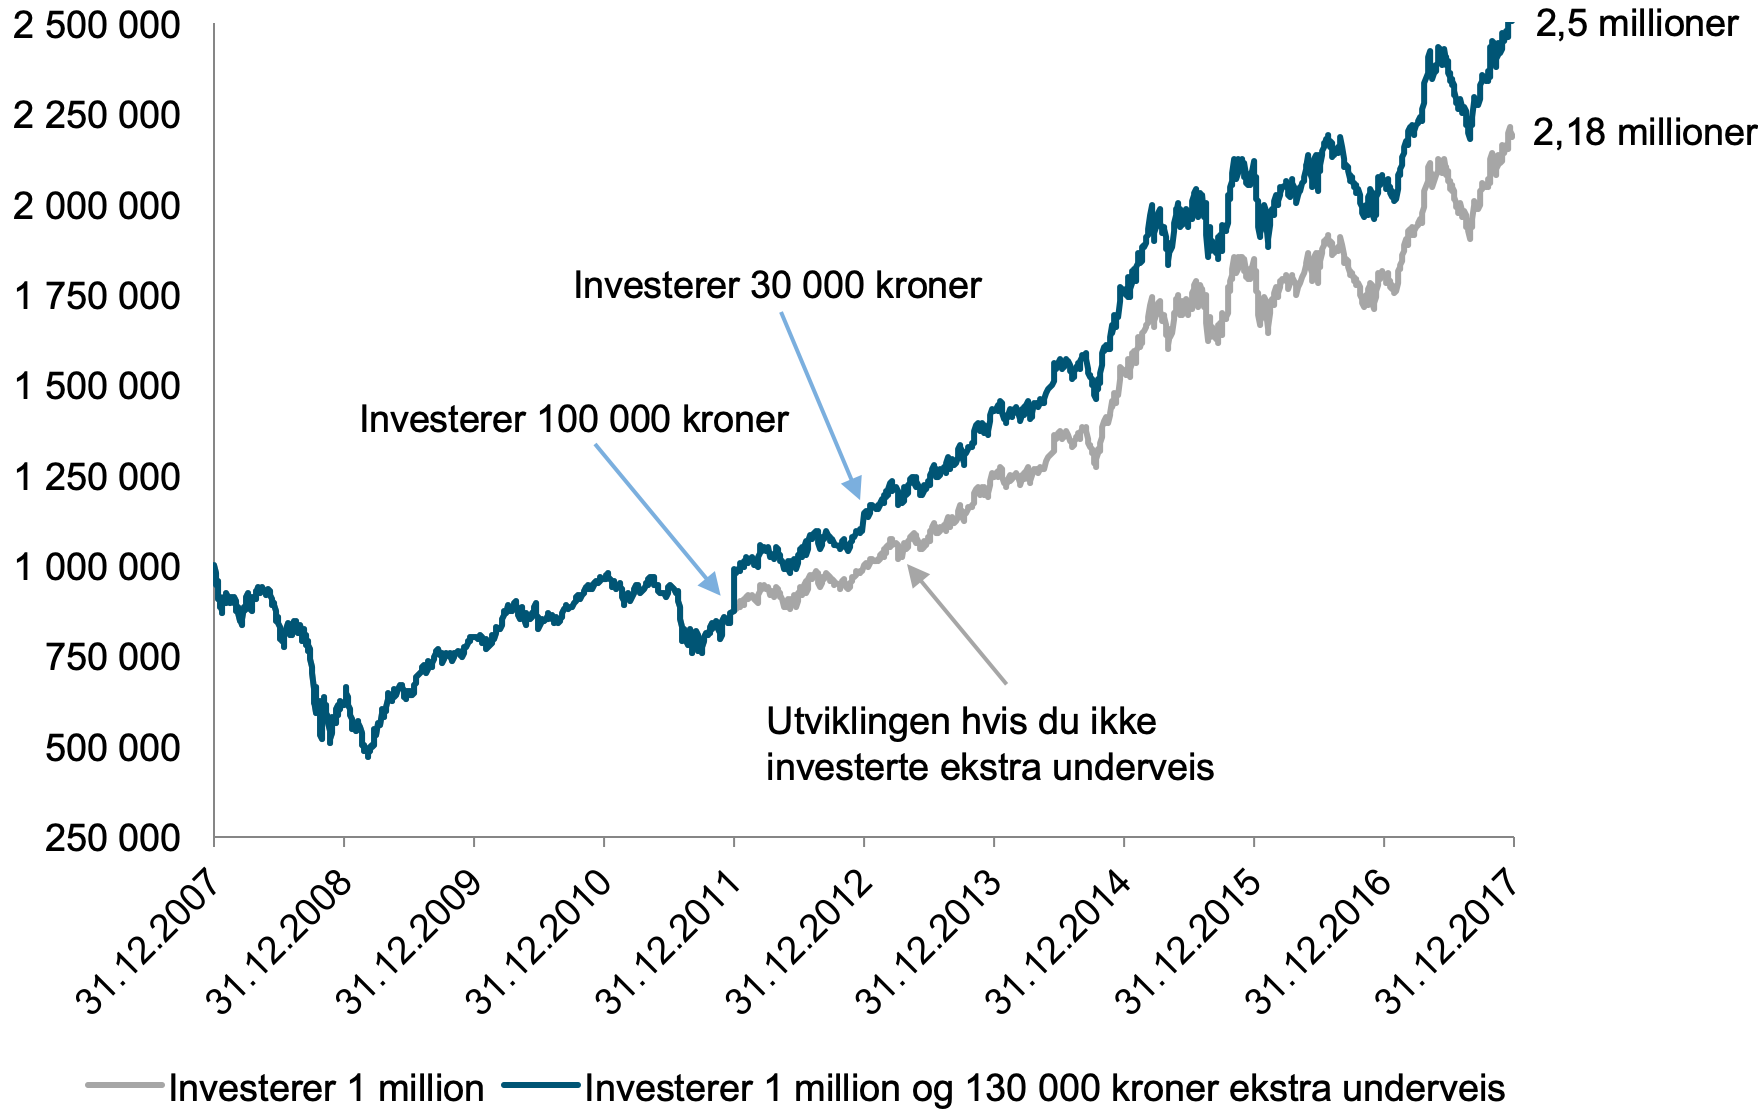 Her ser du hvordan en million kroner investert i et globalt aksjefond ville vokst fra desember 2007 til desember 2017 hvis du investerte 130 000 kroner ekstra underveis sammenlignet med hvis du ikke investerte mer. (kilde: Bloomberg)